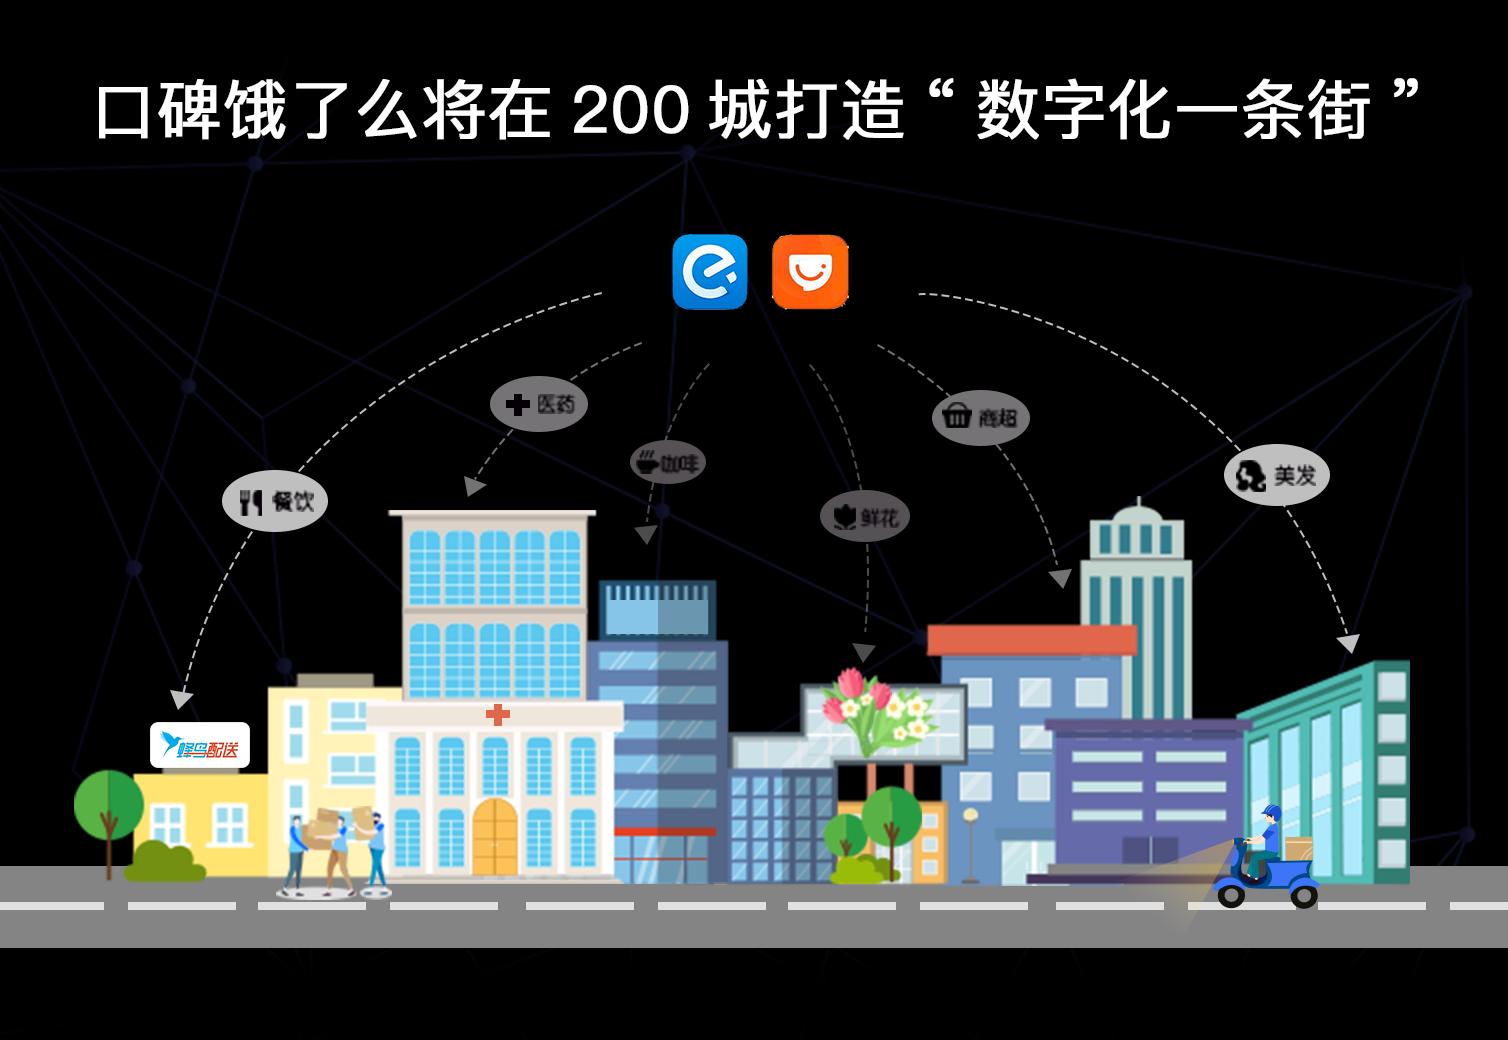 """口碑饿了么宣布餐饮全链路数字化体系成型 将在200城打造""""数字化一条街"""""""